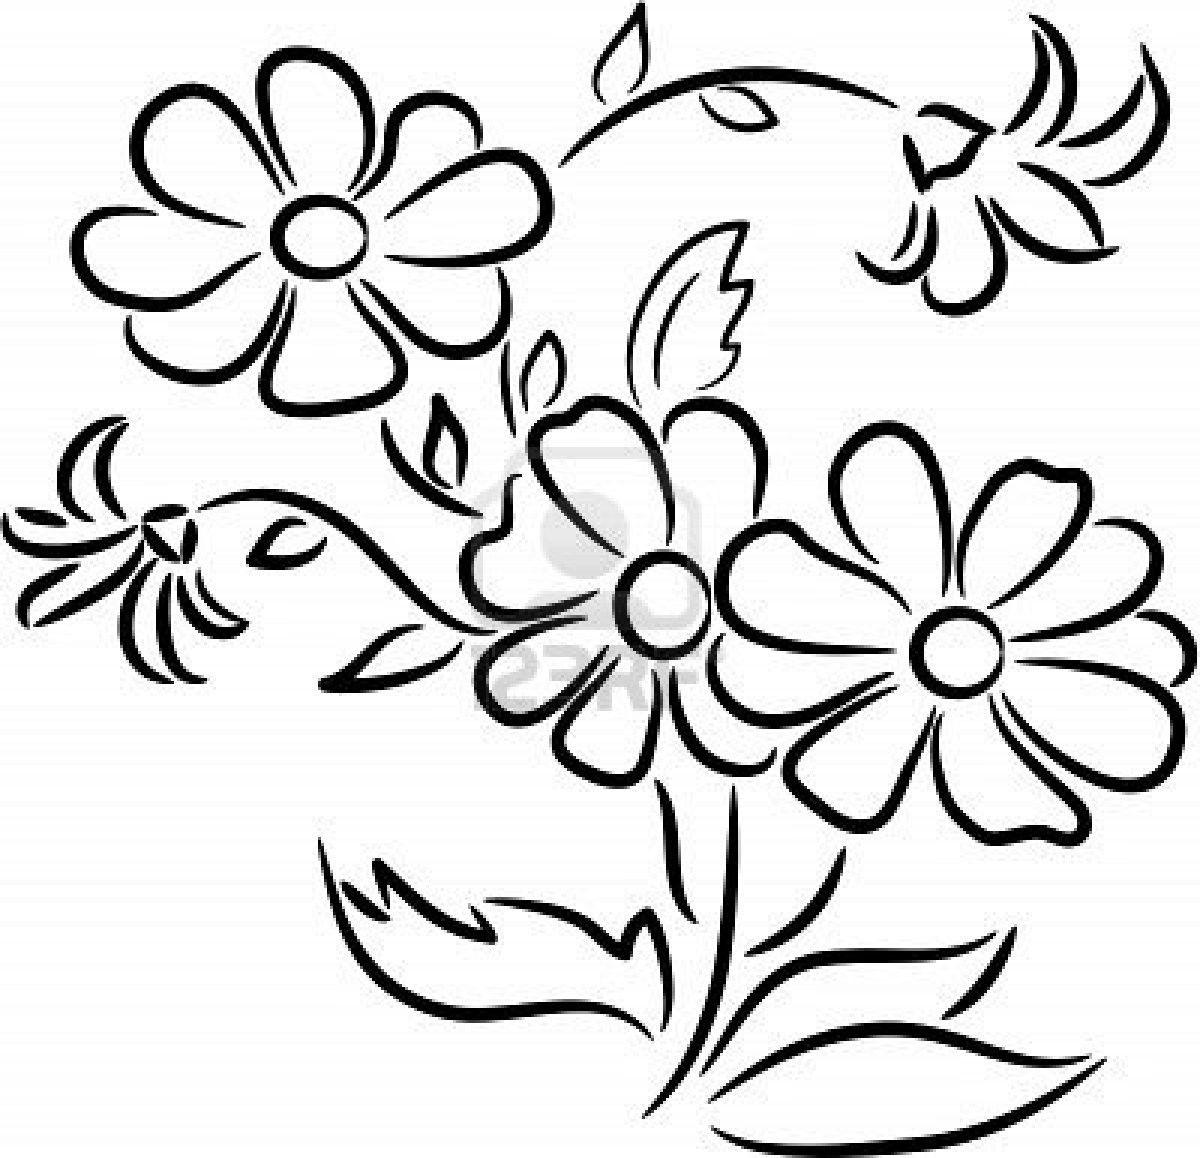 Ramos De Flores Para Colorear Imagenes Dibujos Imprimir Id 50061 Uncategorized Paginas Para Colorear De Flores Dibujos De Flores Bordado Mexicano Patrones